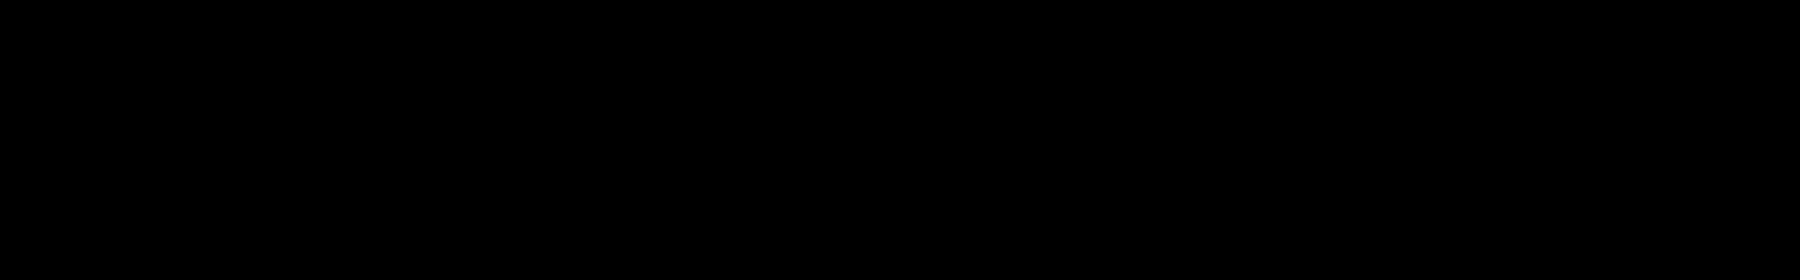 Metro Mode audio waveform